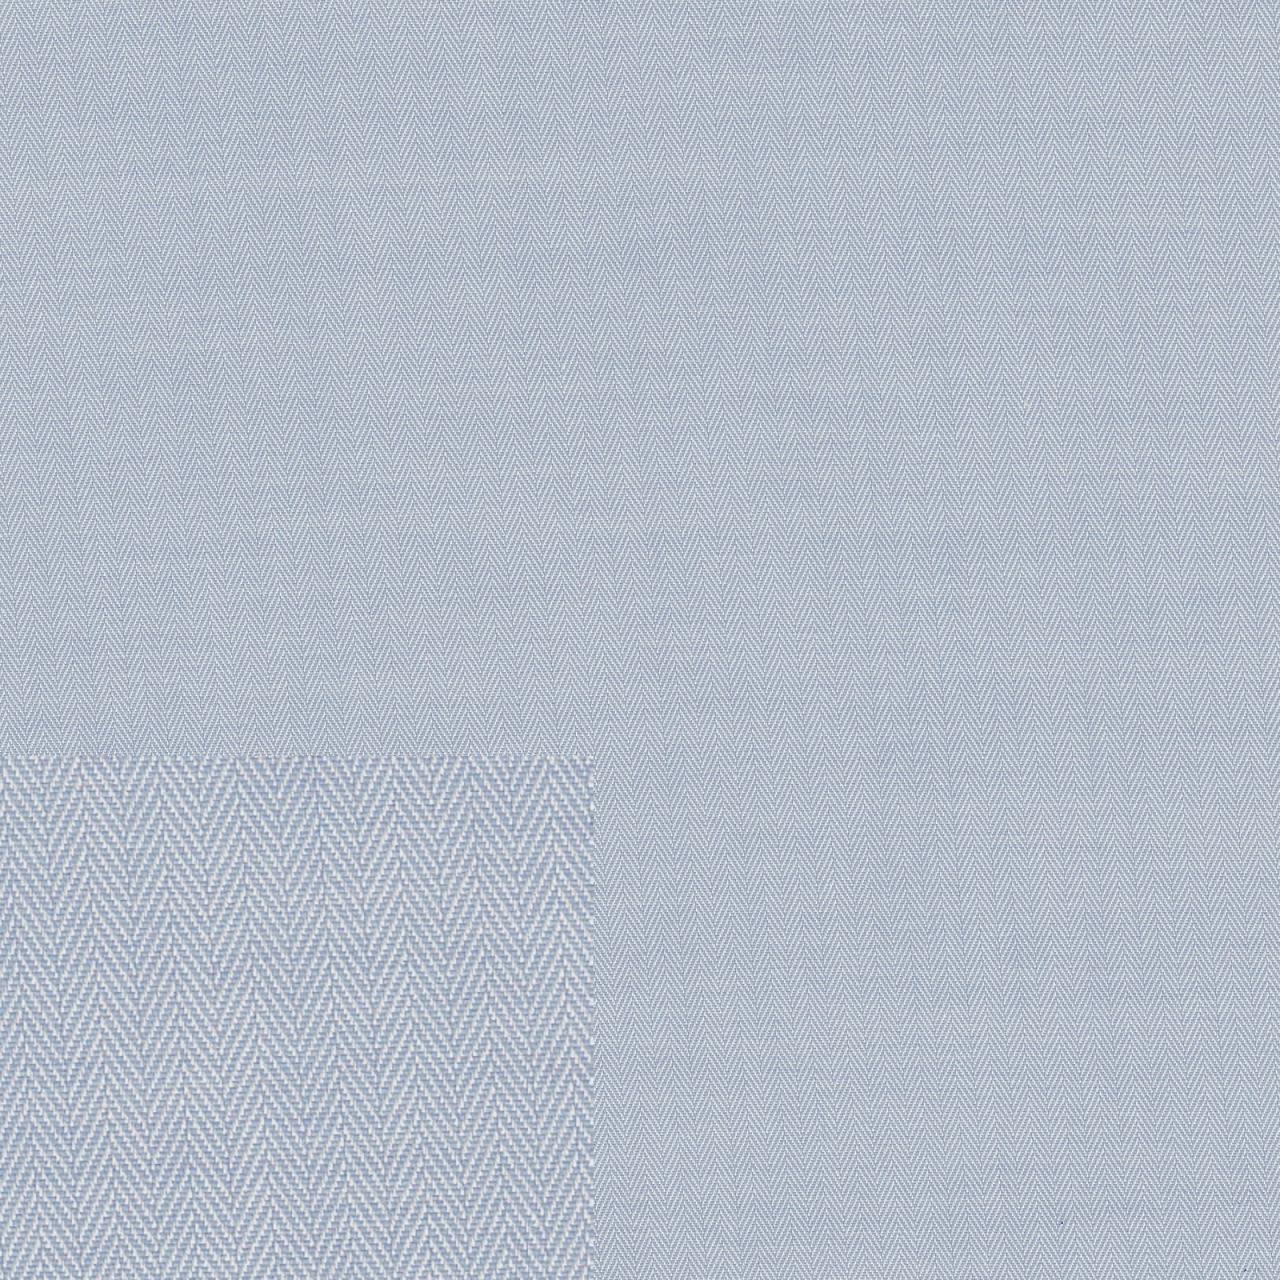 T65, 100/2, Rybí kost